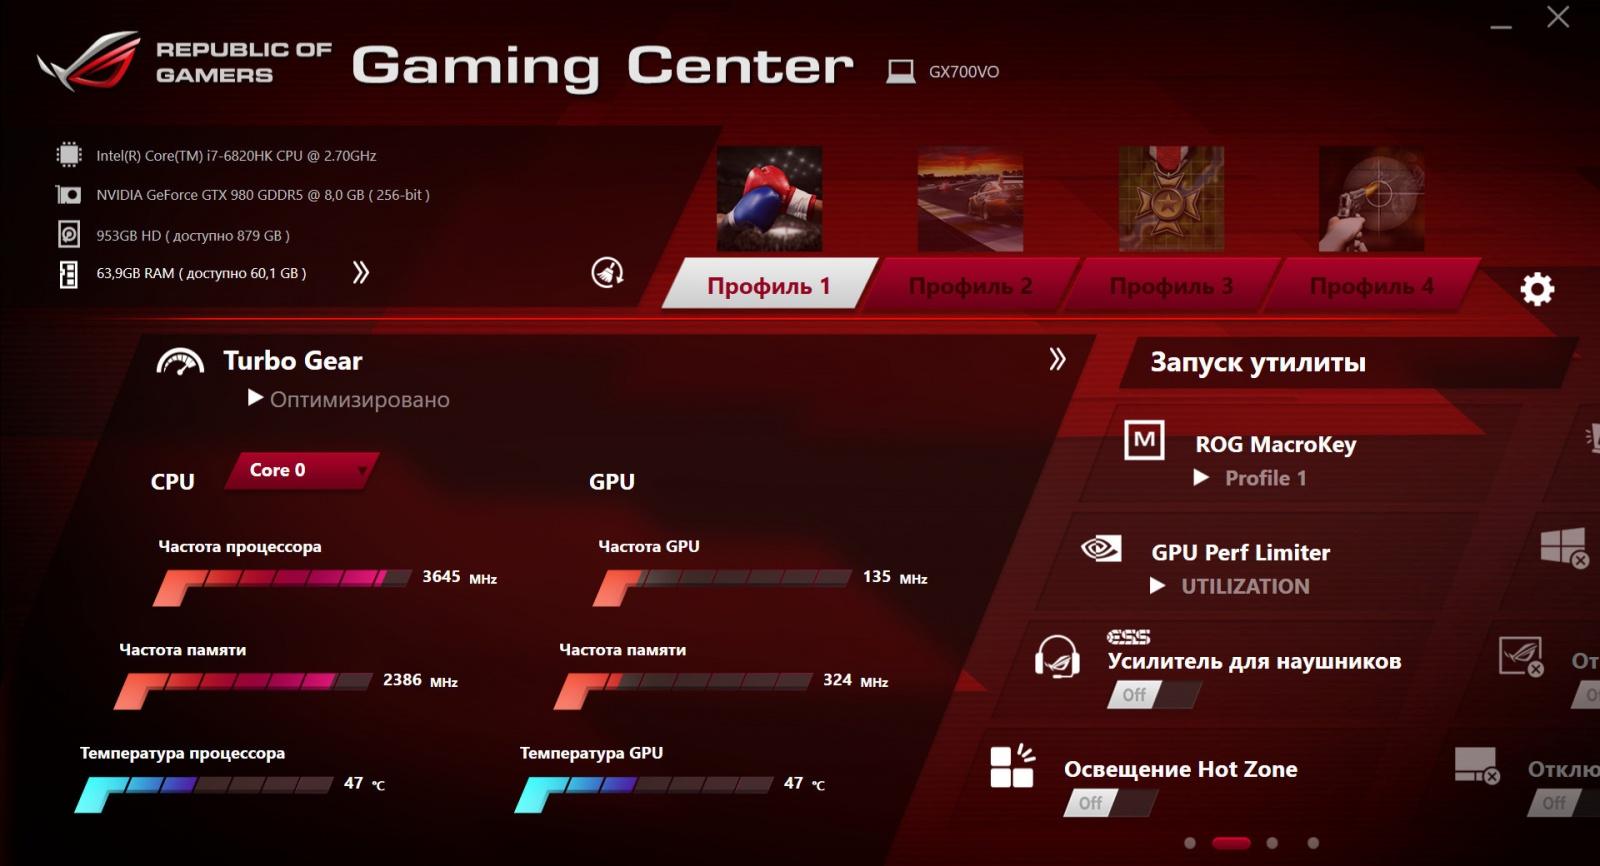 Обзор игровой системы GX700VO - 57